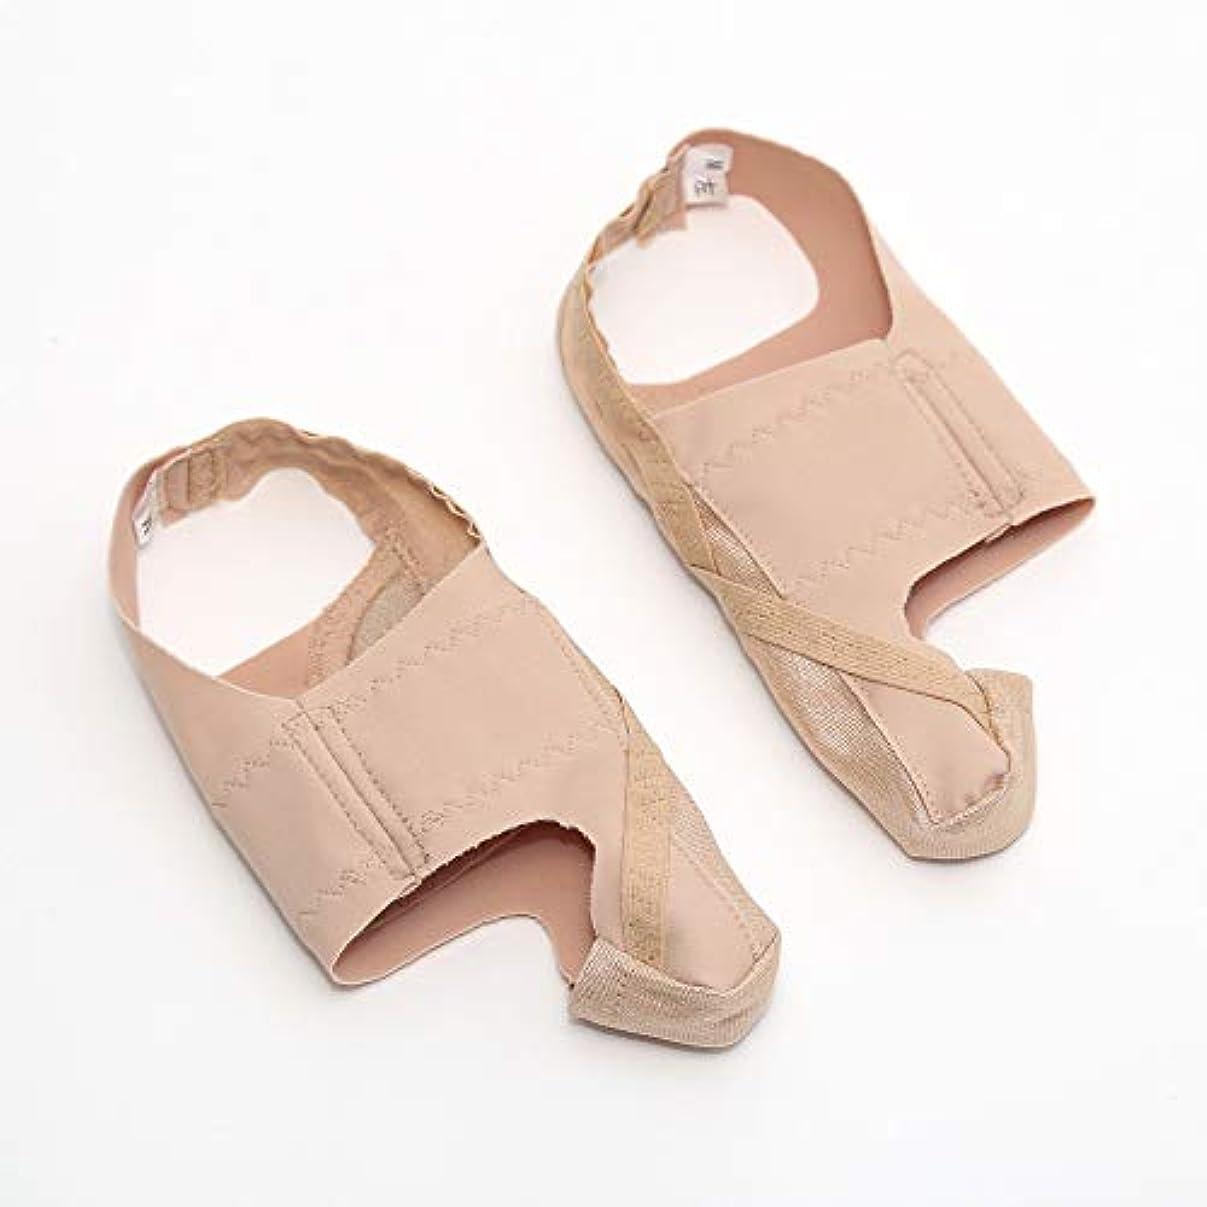 孤独具体的に子供っぽい靴も履けるんデス EX Mサイズ コエンザイムQ10 美容エッセンスマスク付セット